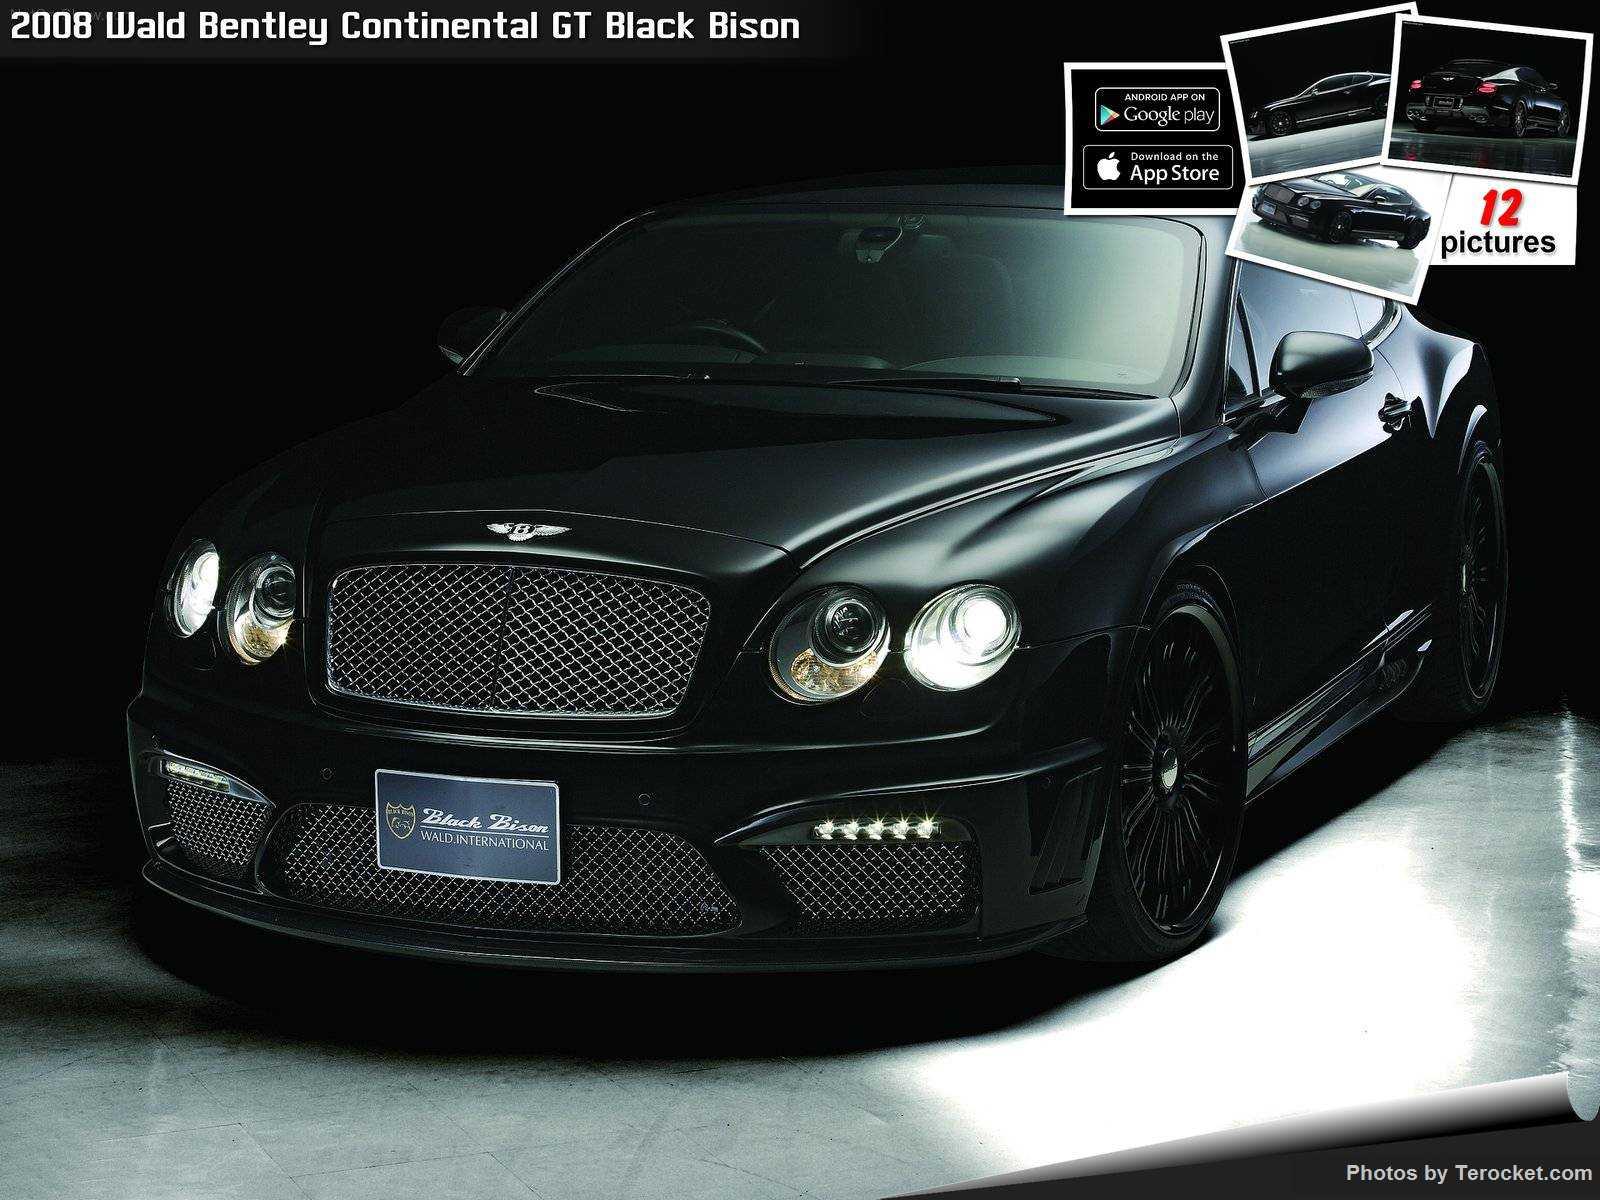 Hình ảnh xe độ Wald Bentley Continental GT Black Bison 2008 & nội ngoại thất